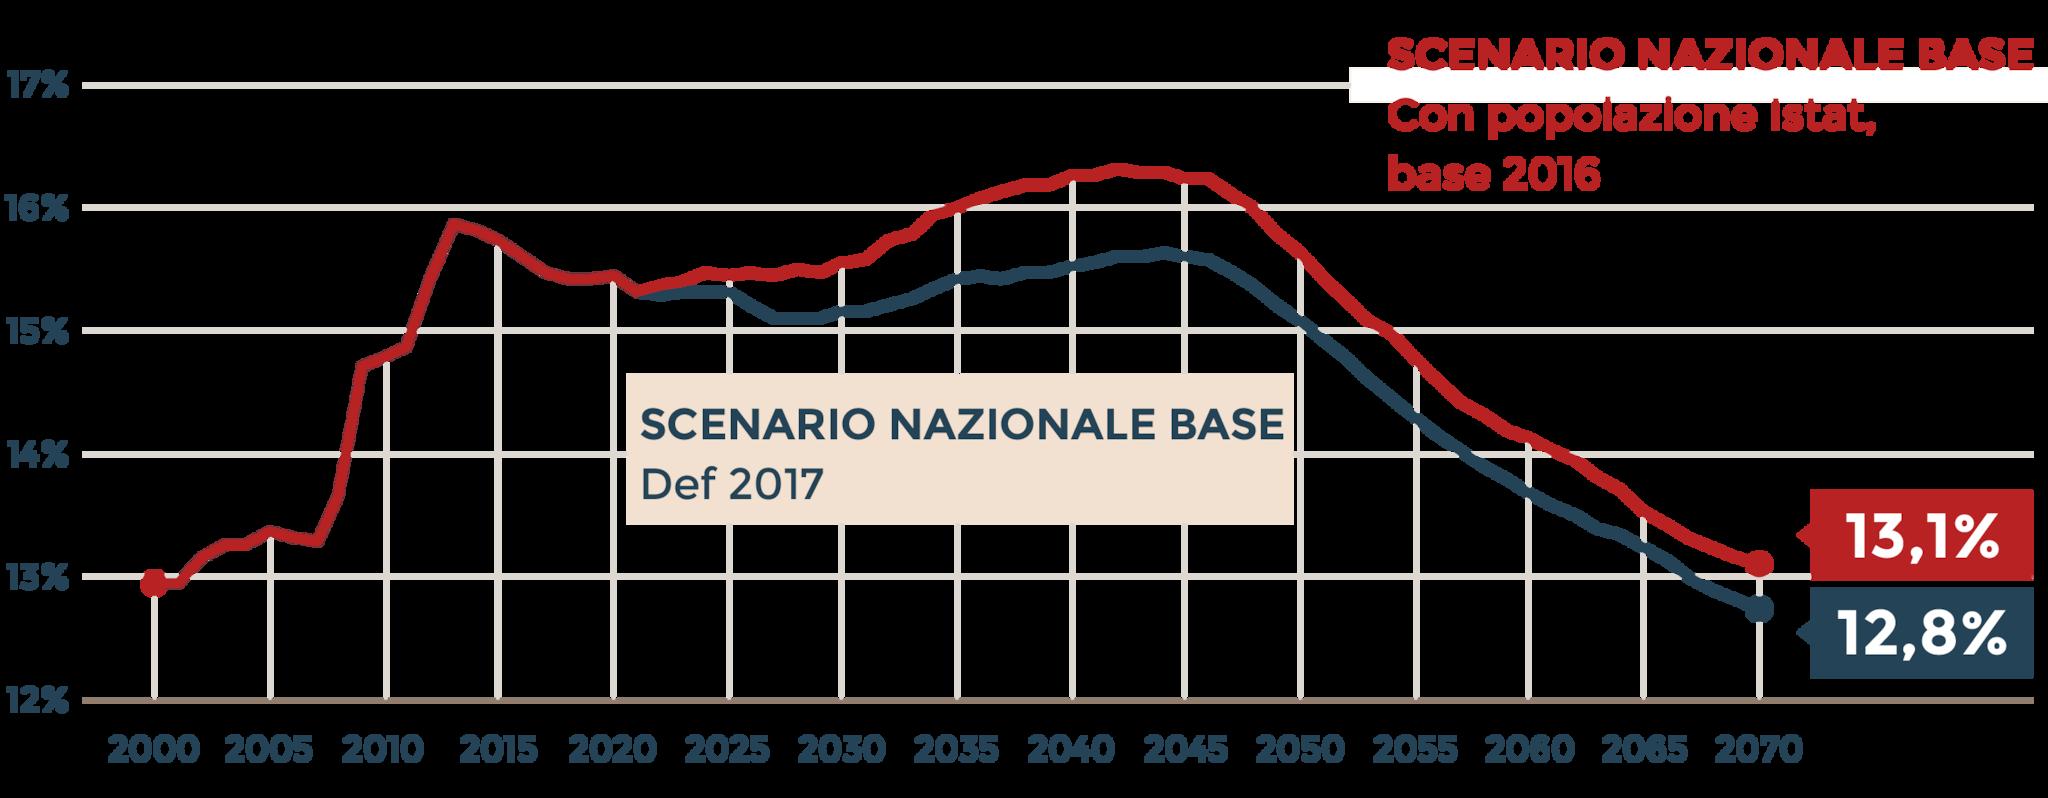 LO SCENARIO NAZIONALE BASE